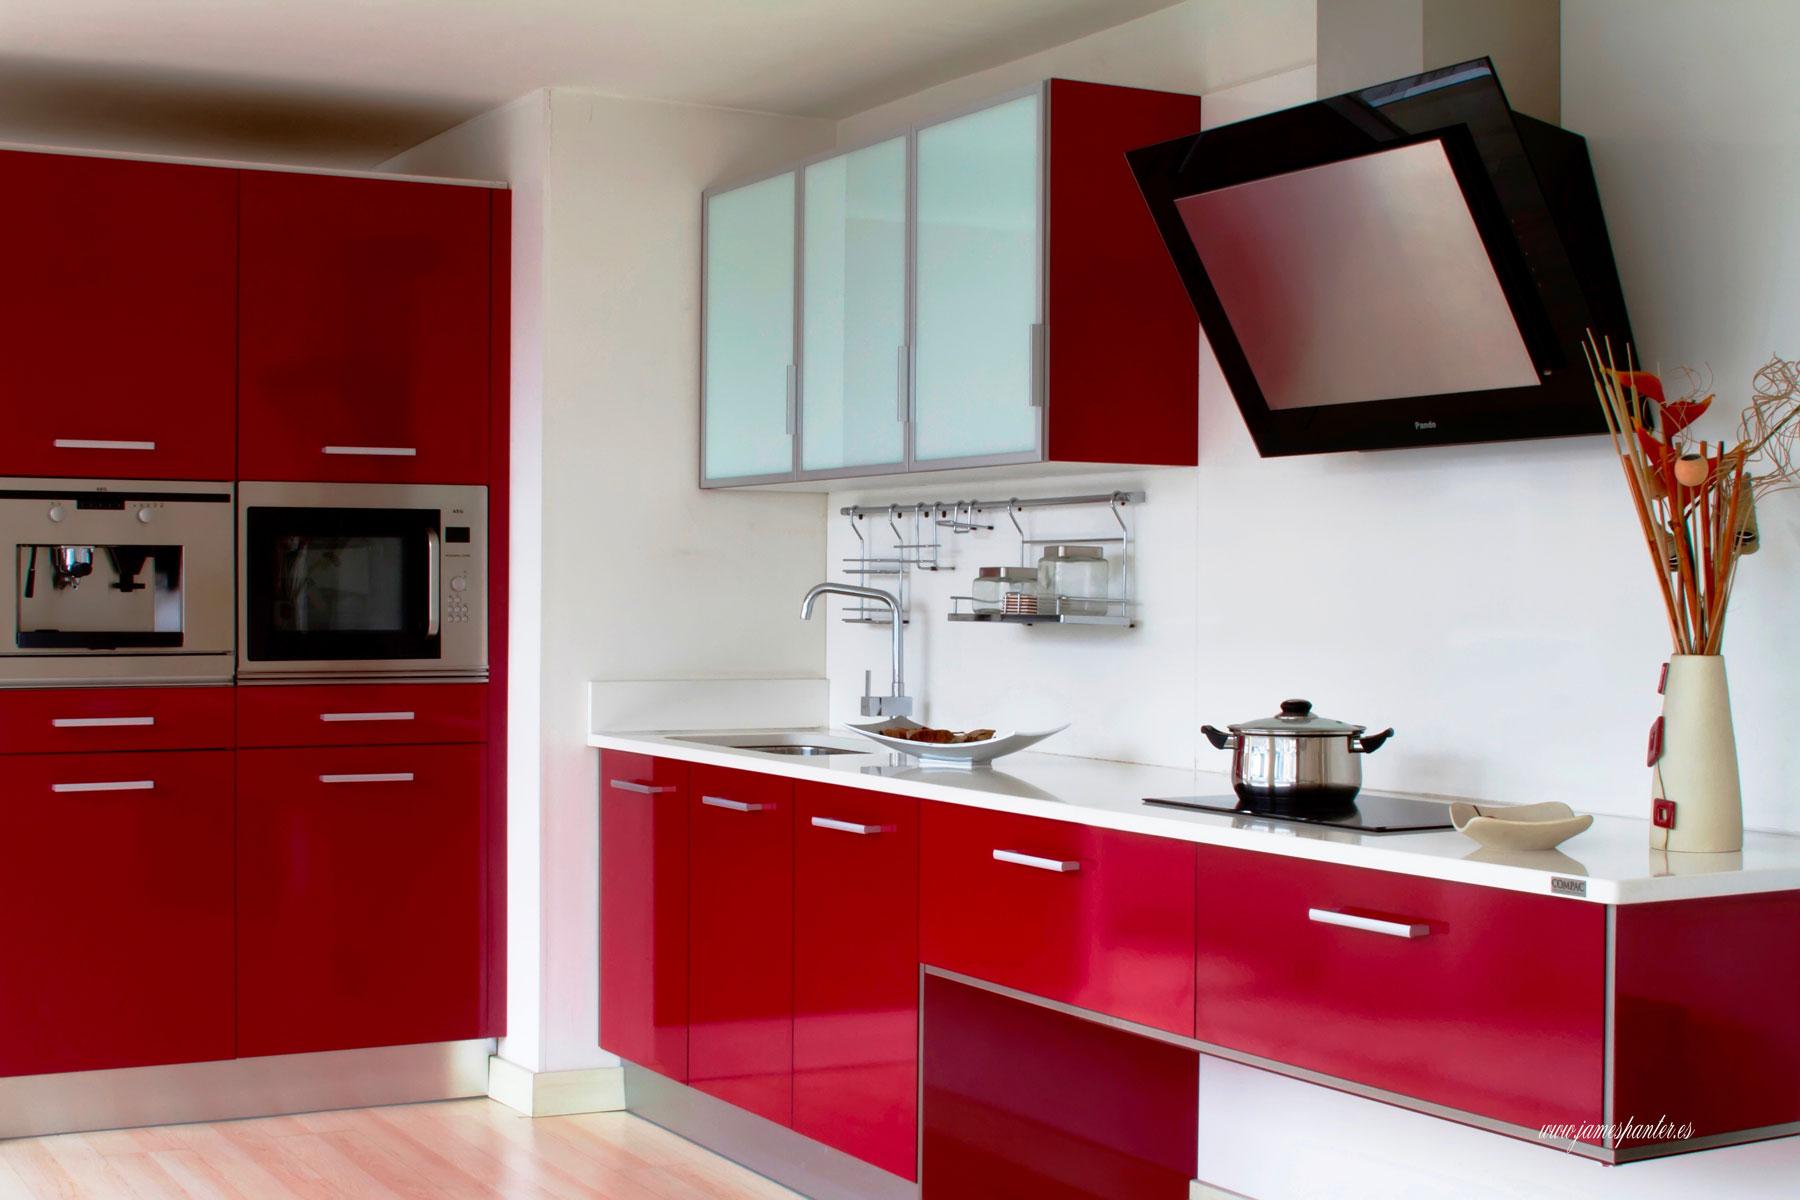 Nuestras cocinas elegantes03 josman hermanos tienda de for Muebles para bano modernos y economicos